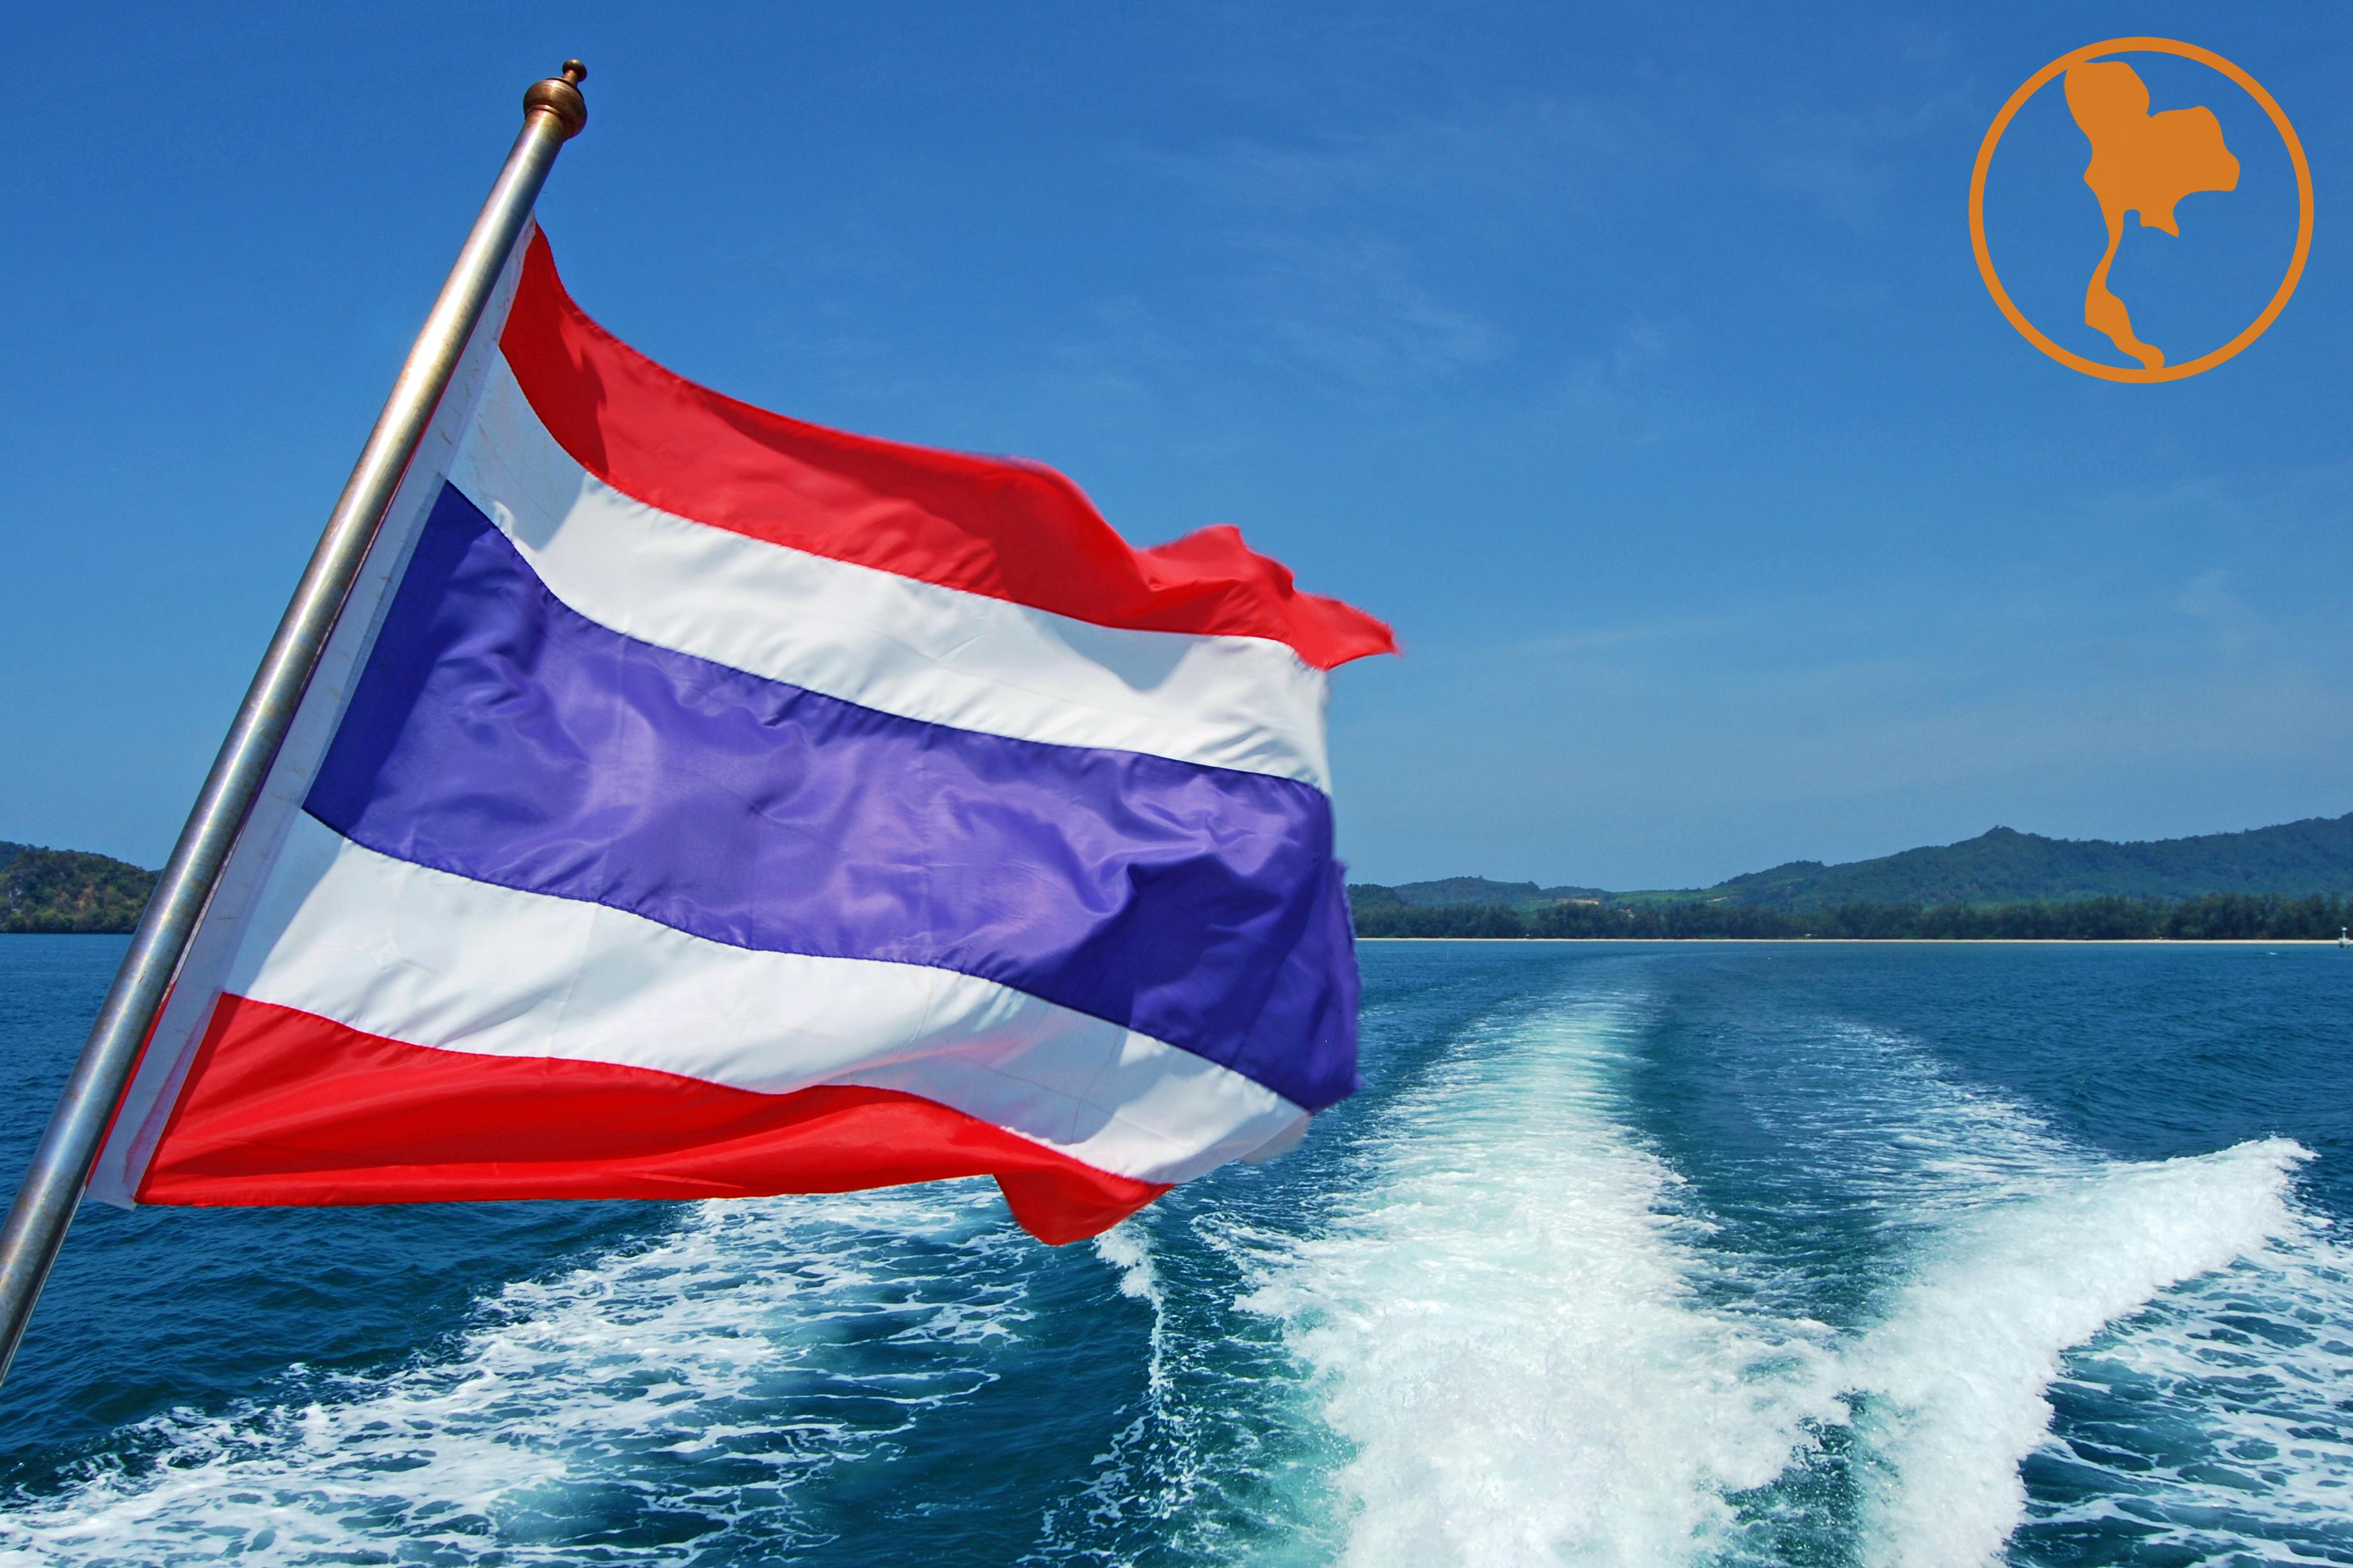 bandera-tailandia-descubre-tailandia